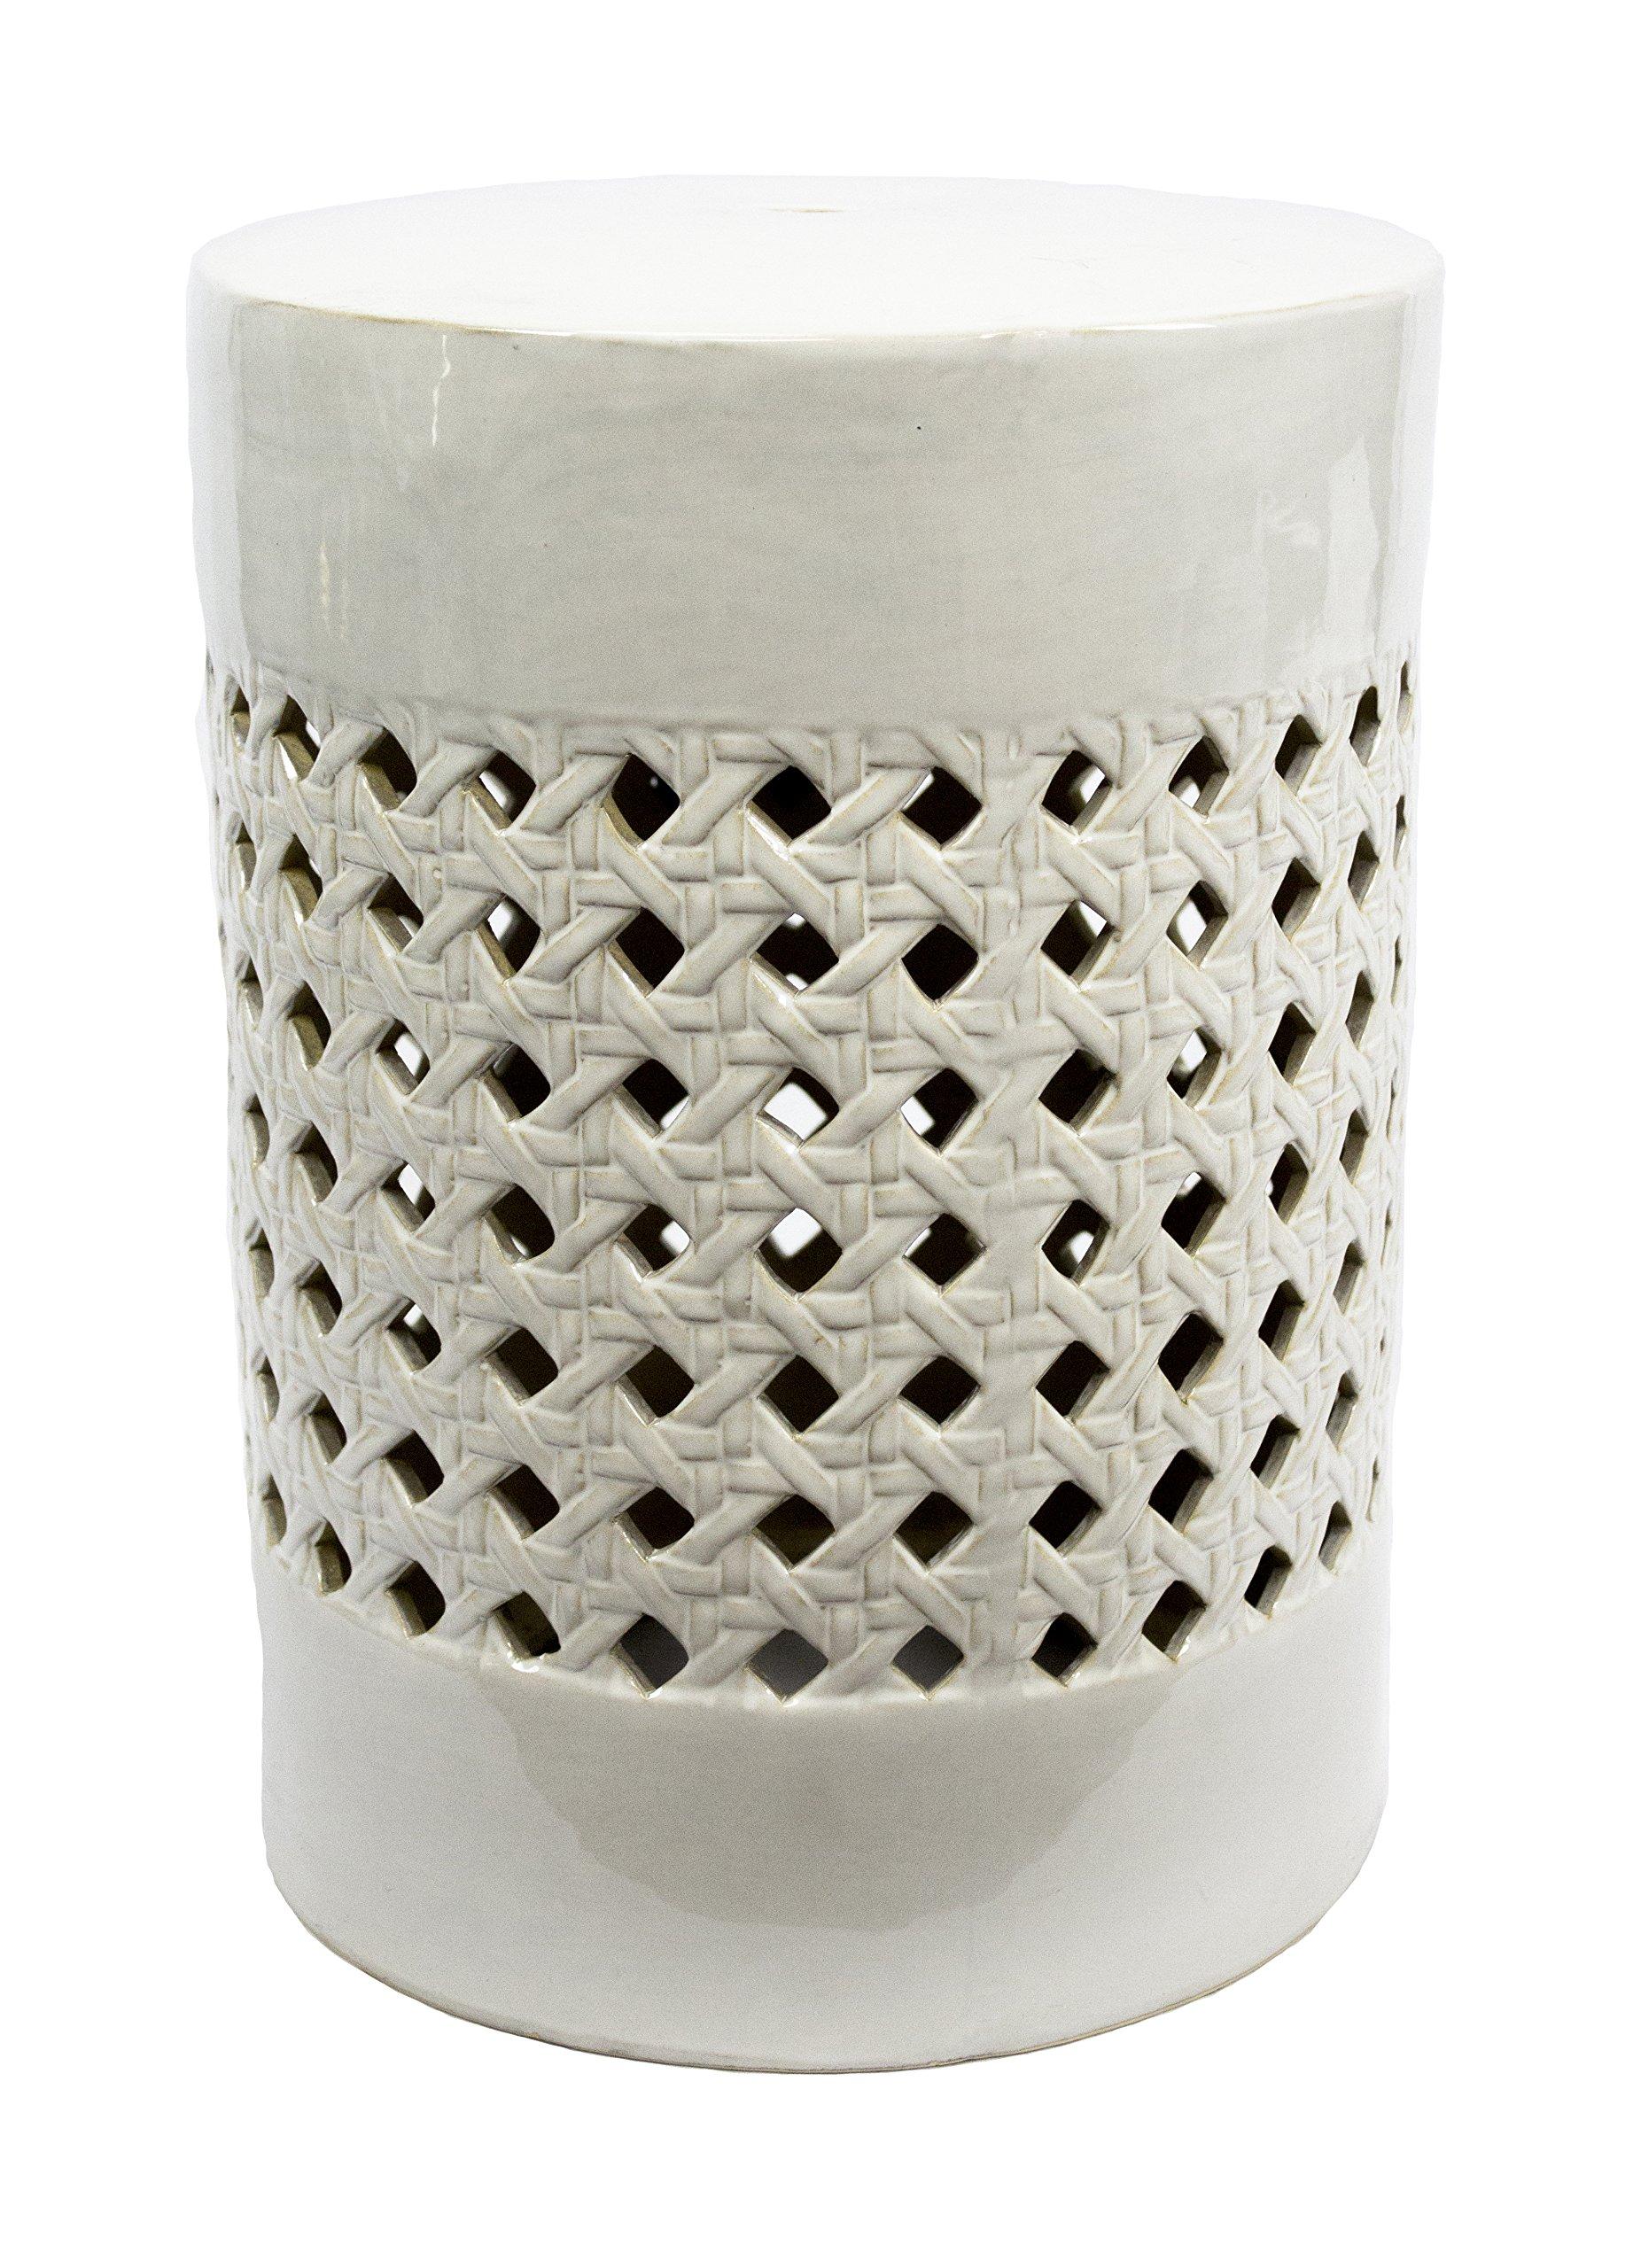 Sagebrook Home FC10448-01 Basketweave Pierced Garden Stool, White Ceramic, 13 x 13 x 17.5 Inches